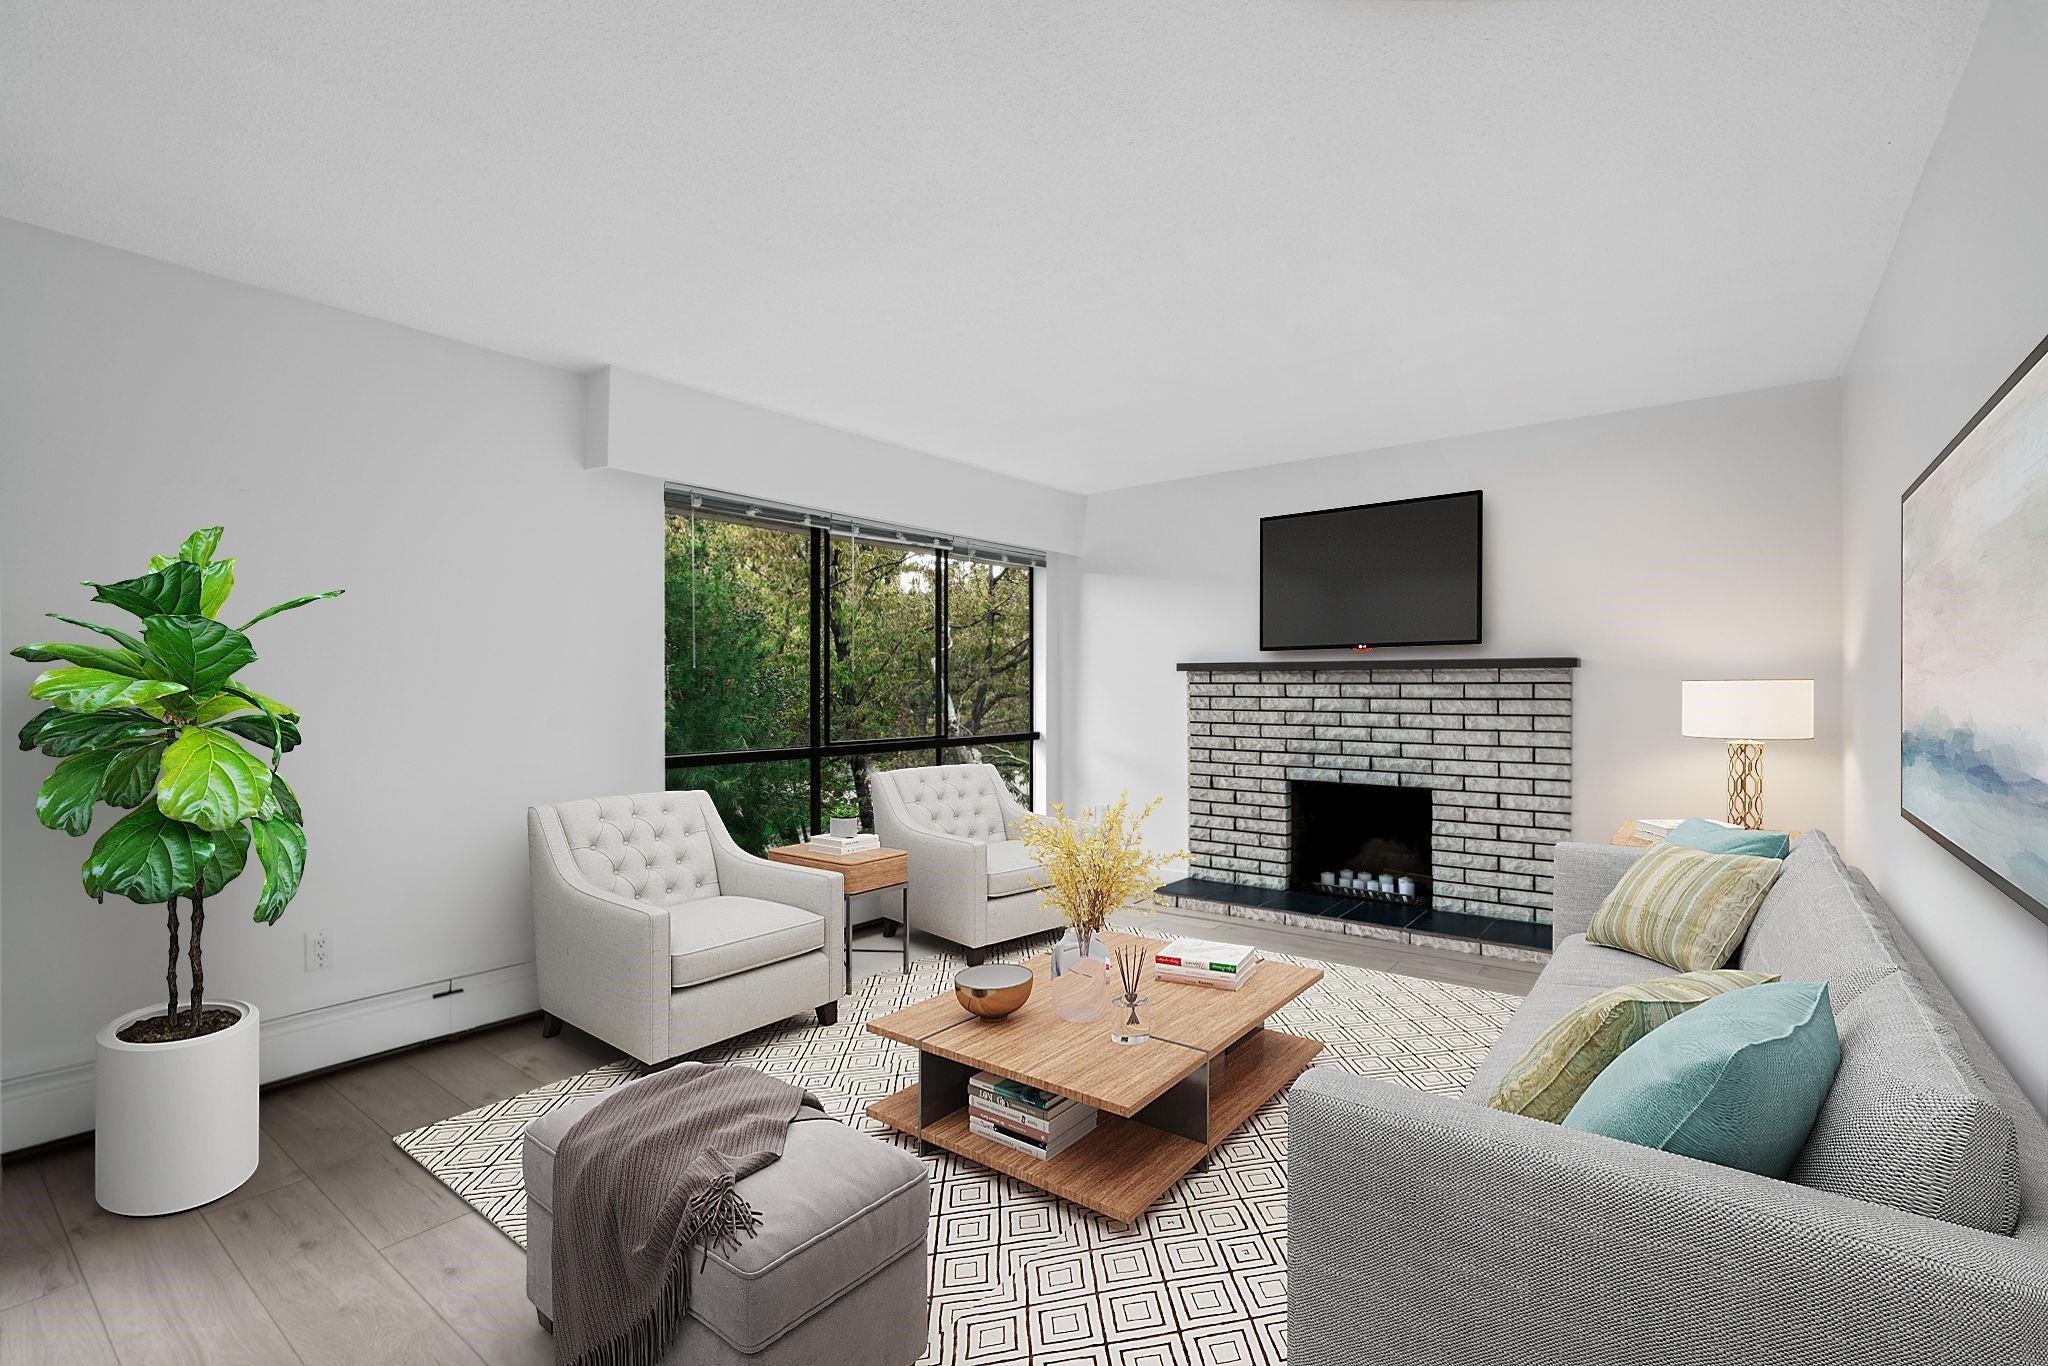 309 1877 W 5TH AVENUE - Kitsilano Apartment/Condo for sale, 1 Bedroom (R2626369)